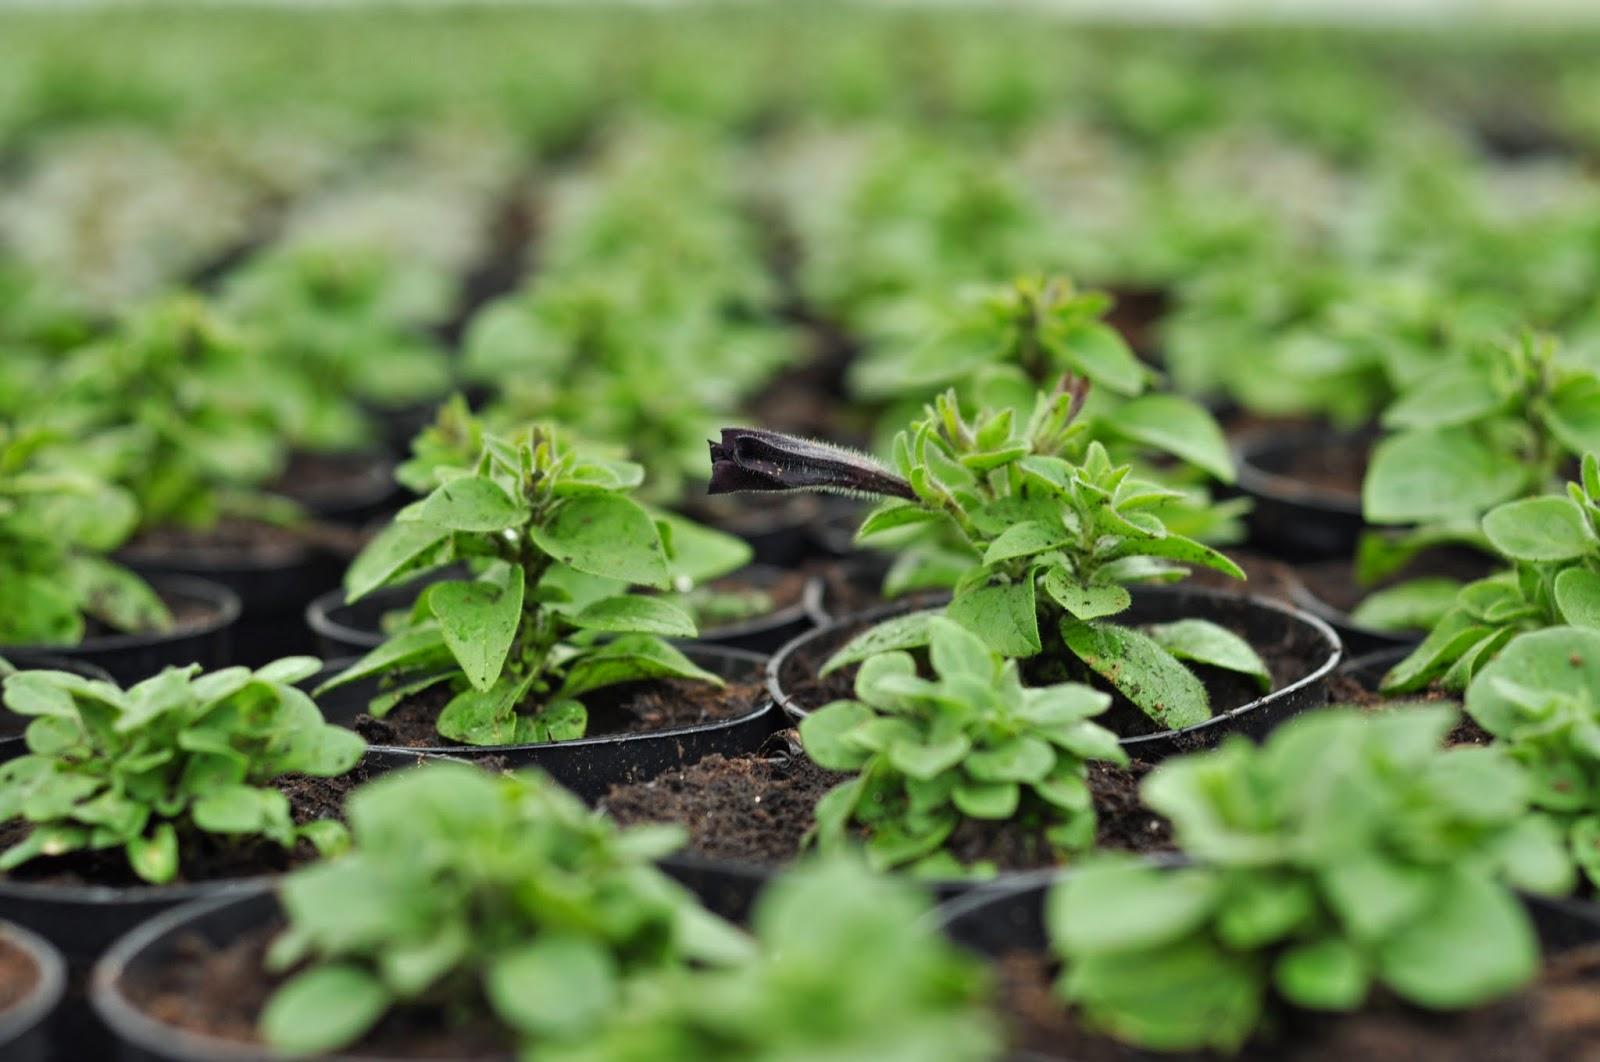 småplanter, grønne planter, gartneri